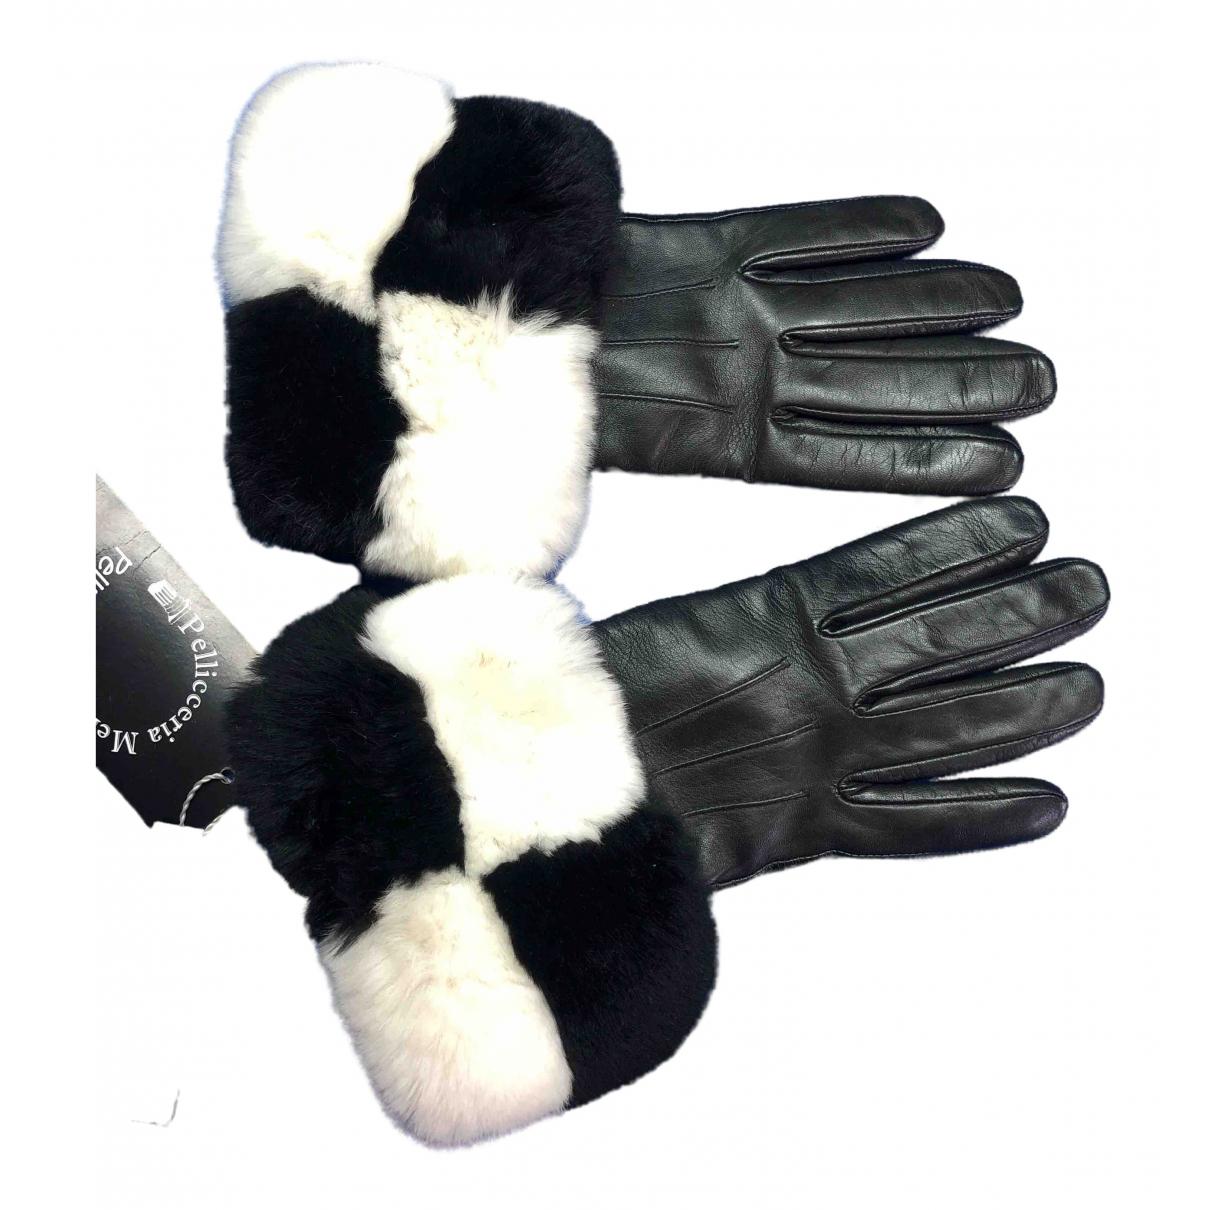 Pellicciai \N Black Fur Gloves for Women 7 Inches